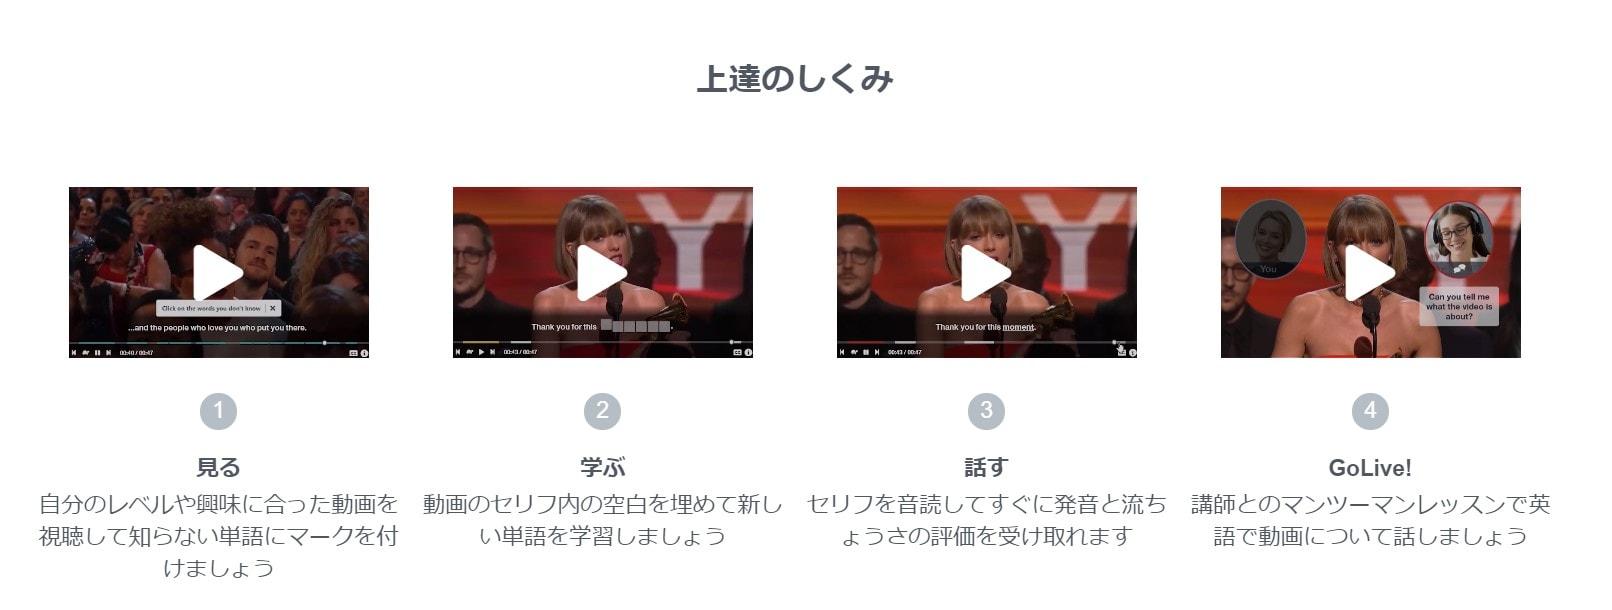 Englishcentralの動画教材を用いた独自の学習サイクル